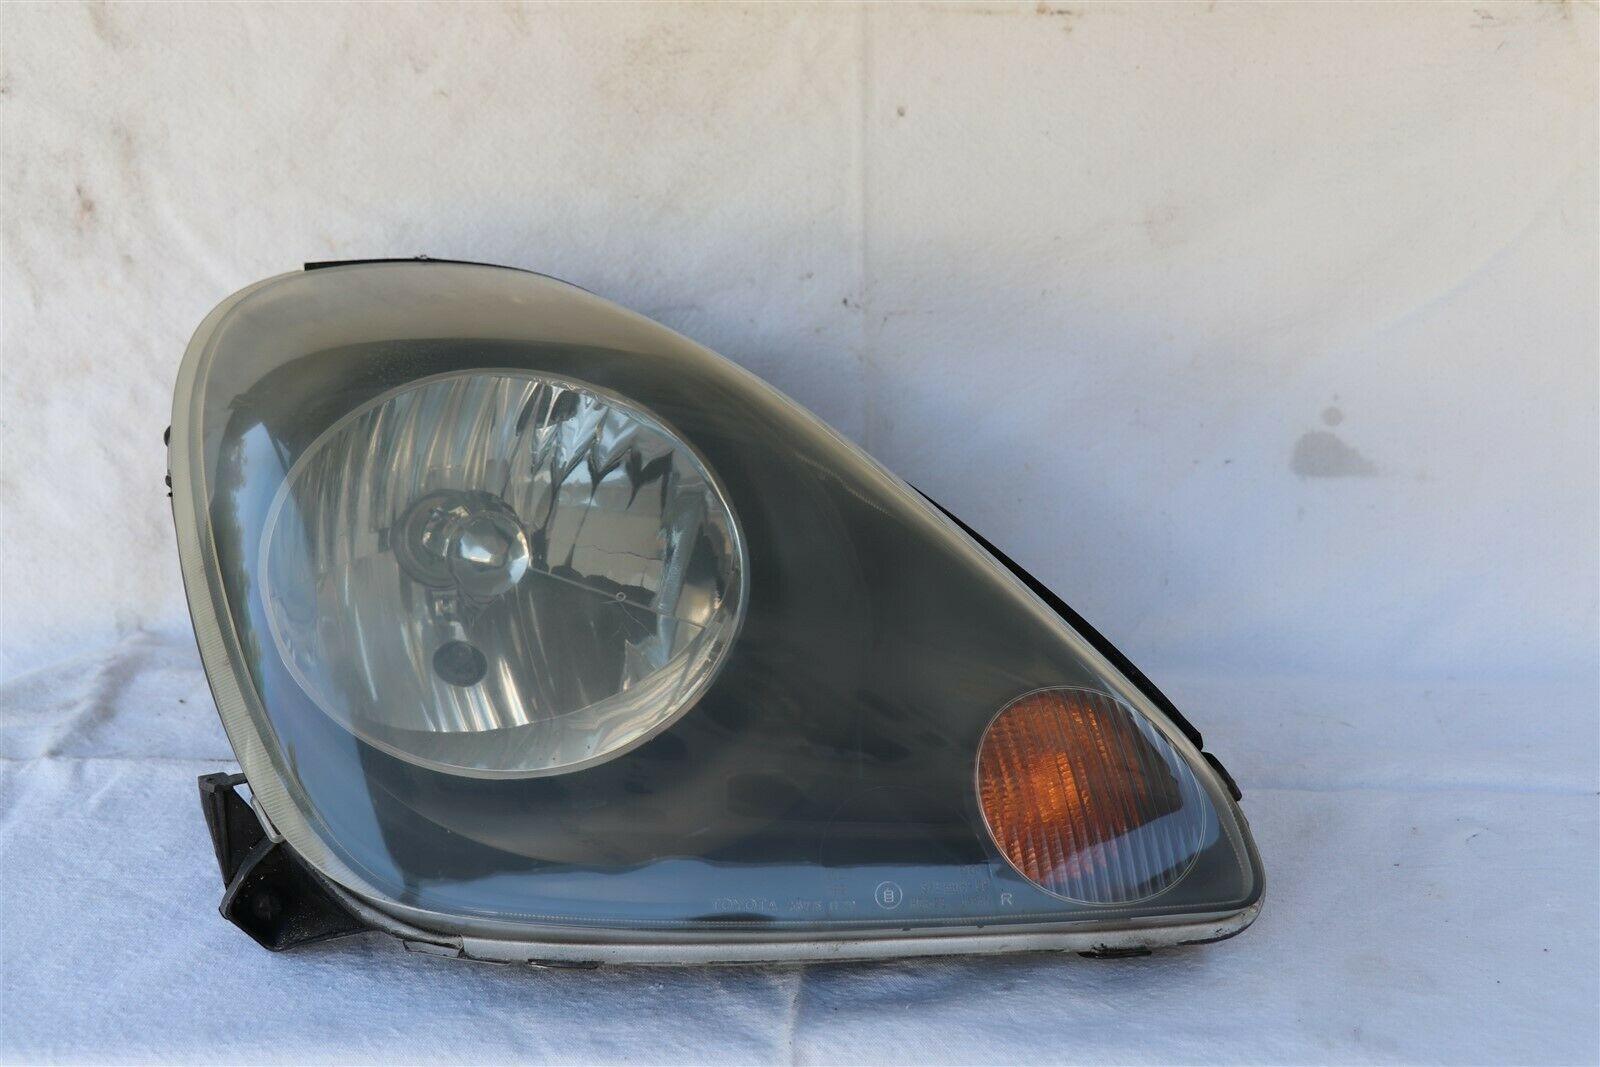 Toyota MR2 Spyder MR-2 Headlight Head Light Lamp Passenger Side 00-05 R/H